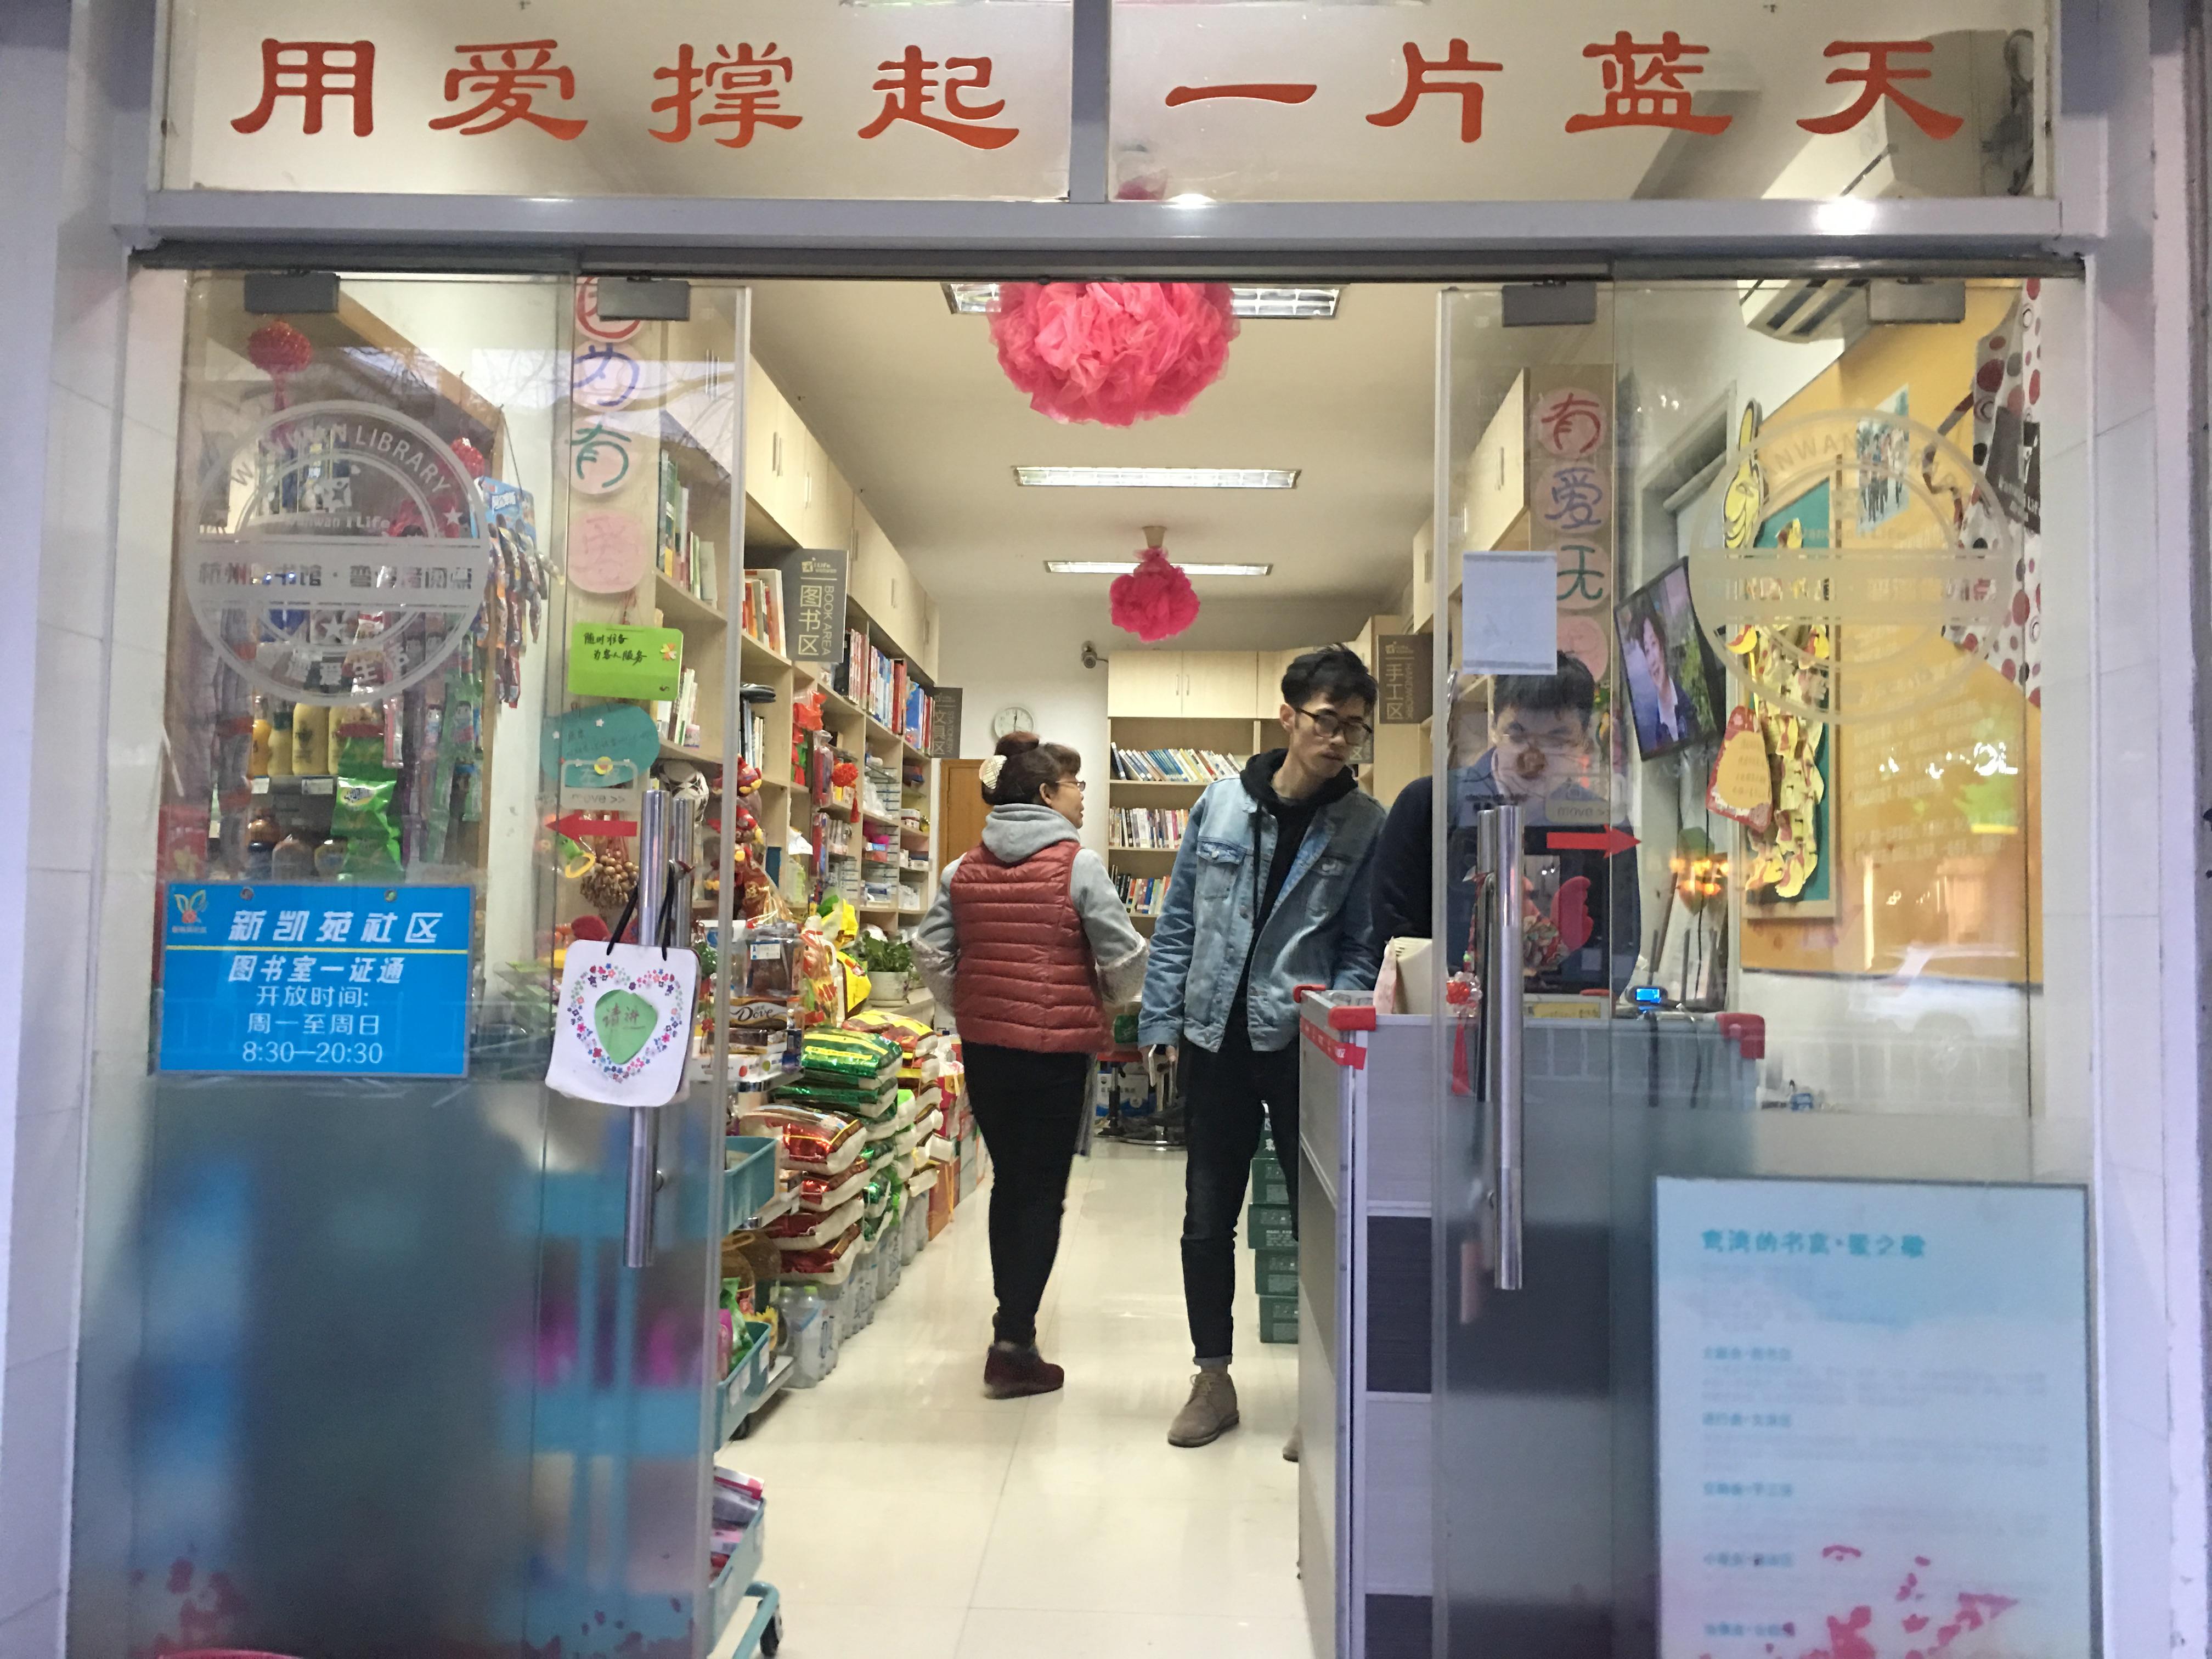 """阿里巴巴副总裁和女人联手""""爆改""""小超市"""